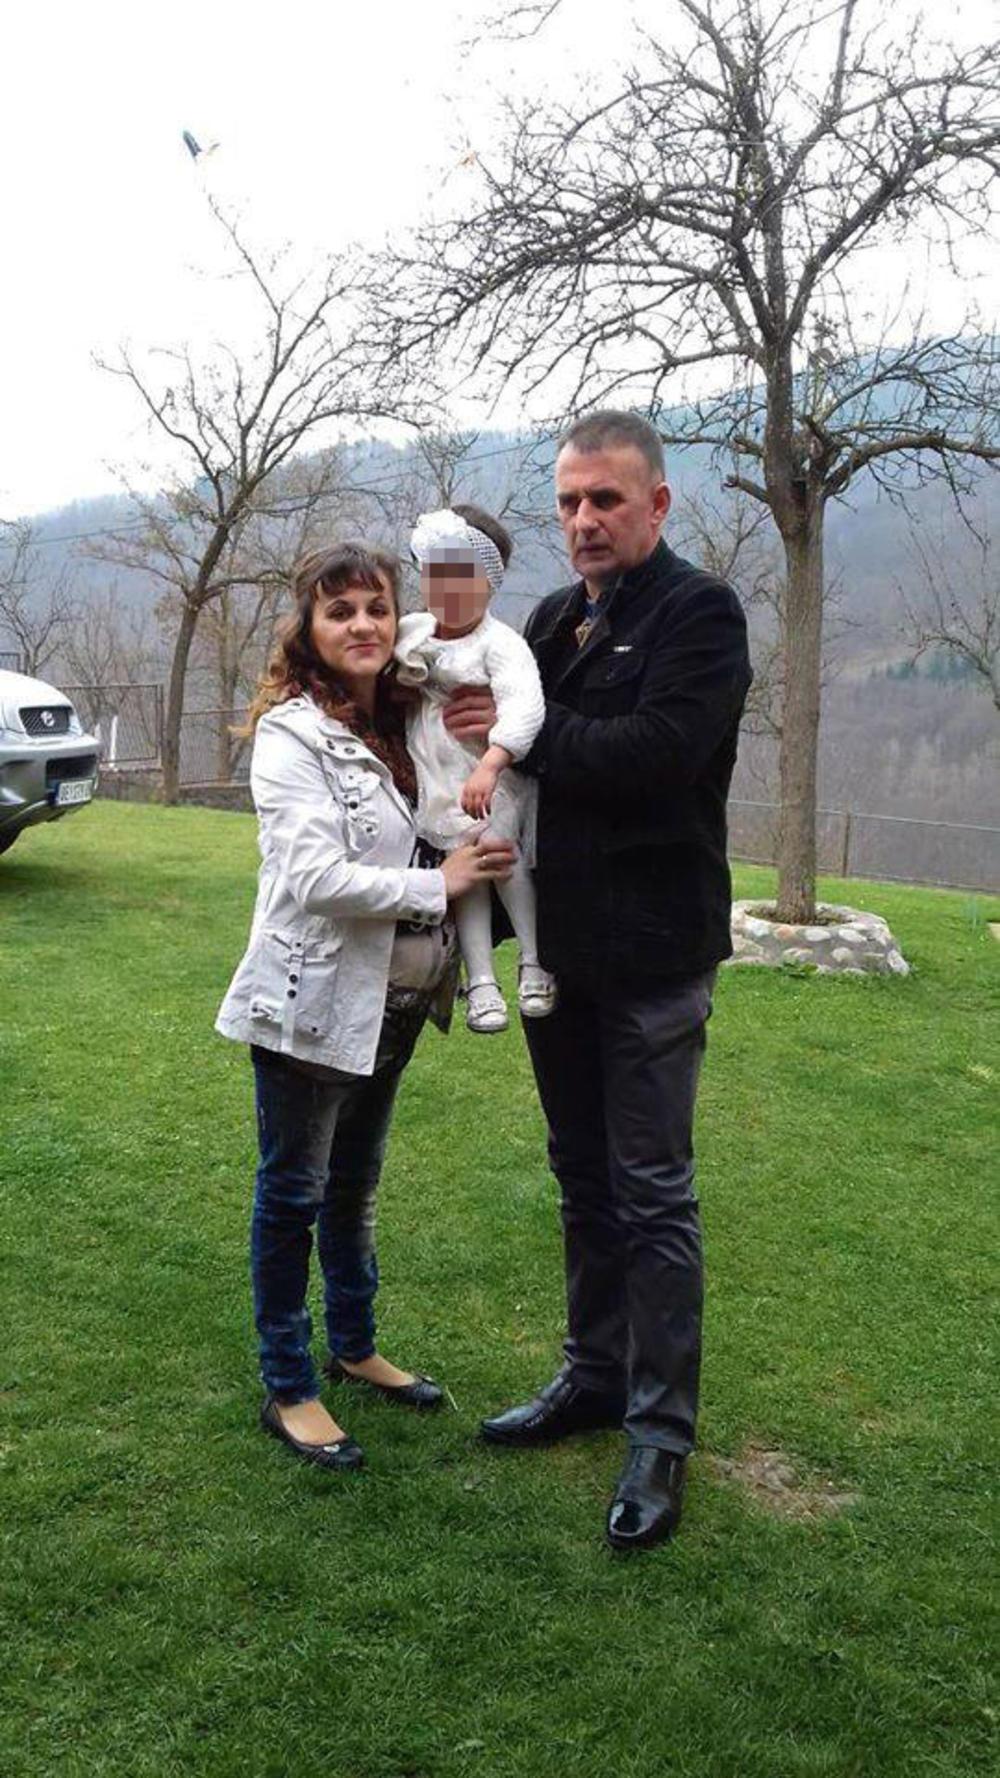 1348563 mm ff - MARKO IZ UŽICA JE OŽENIO 20 GODINA MLAĐU ALBANKU: Išao je 3 puta u Albaniju, ispunio OVE USLOVE